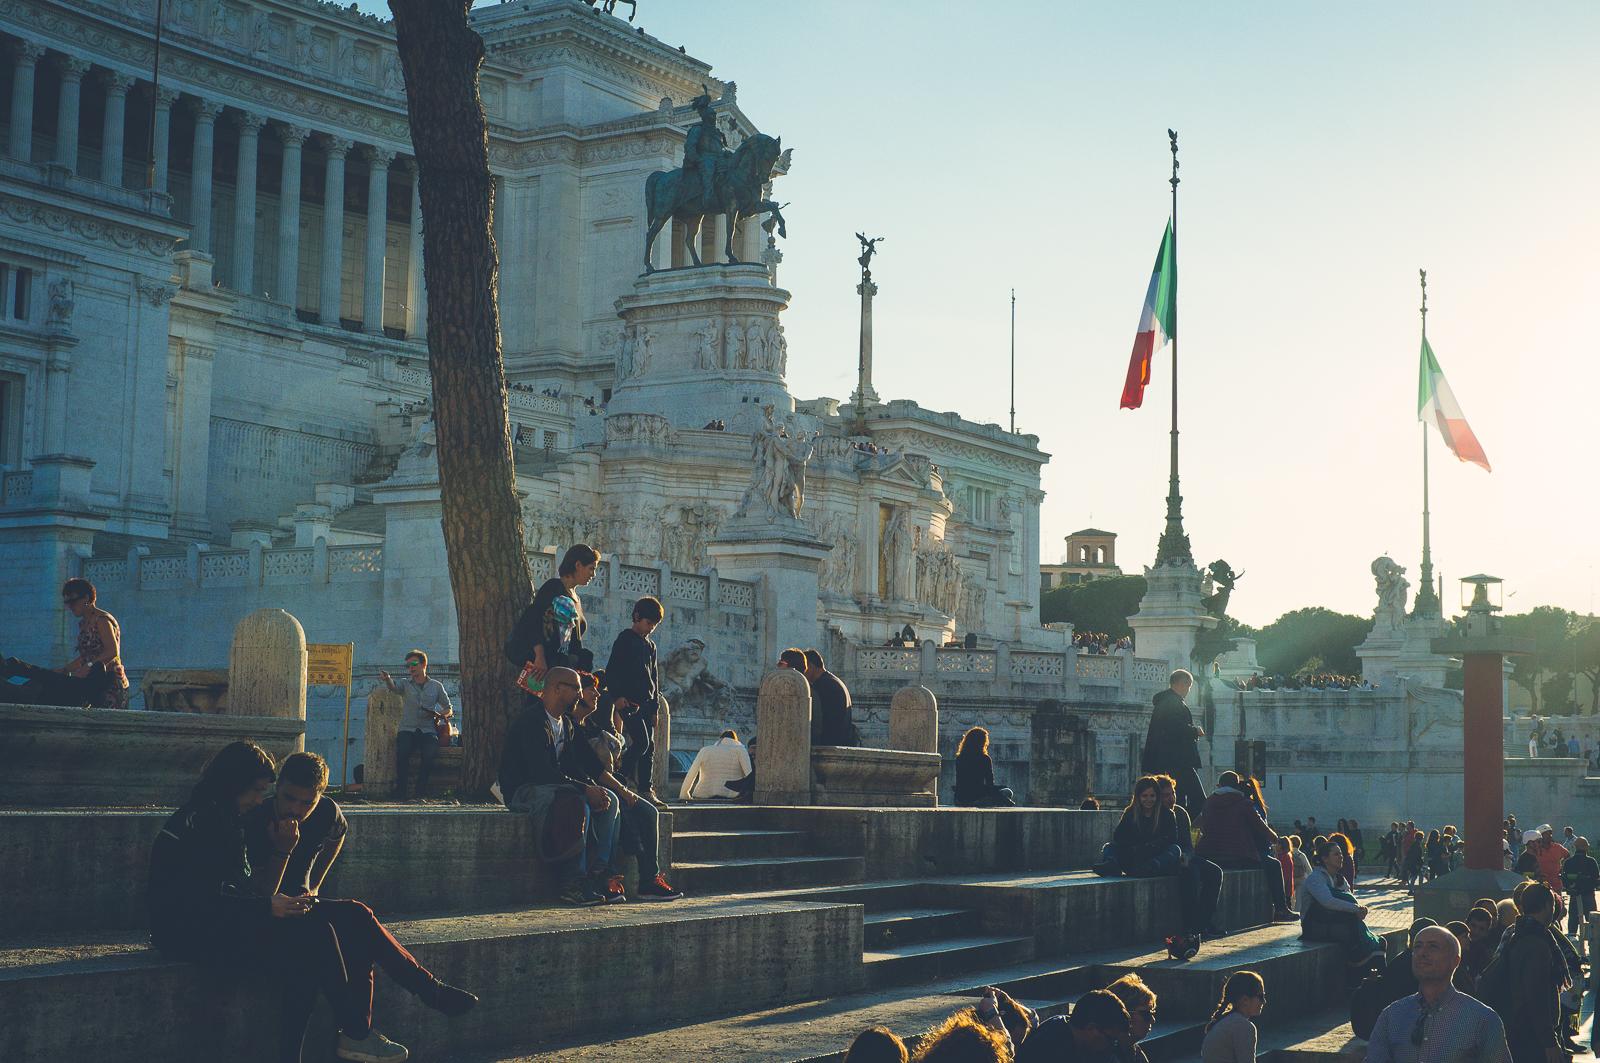 By the Vittorio Emanuele II monument (Altare della partria)